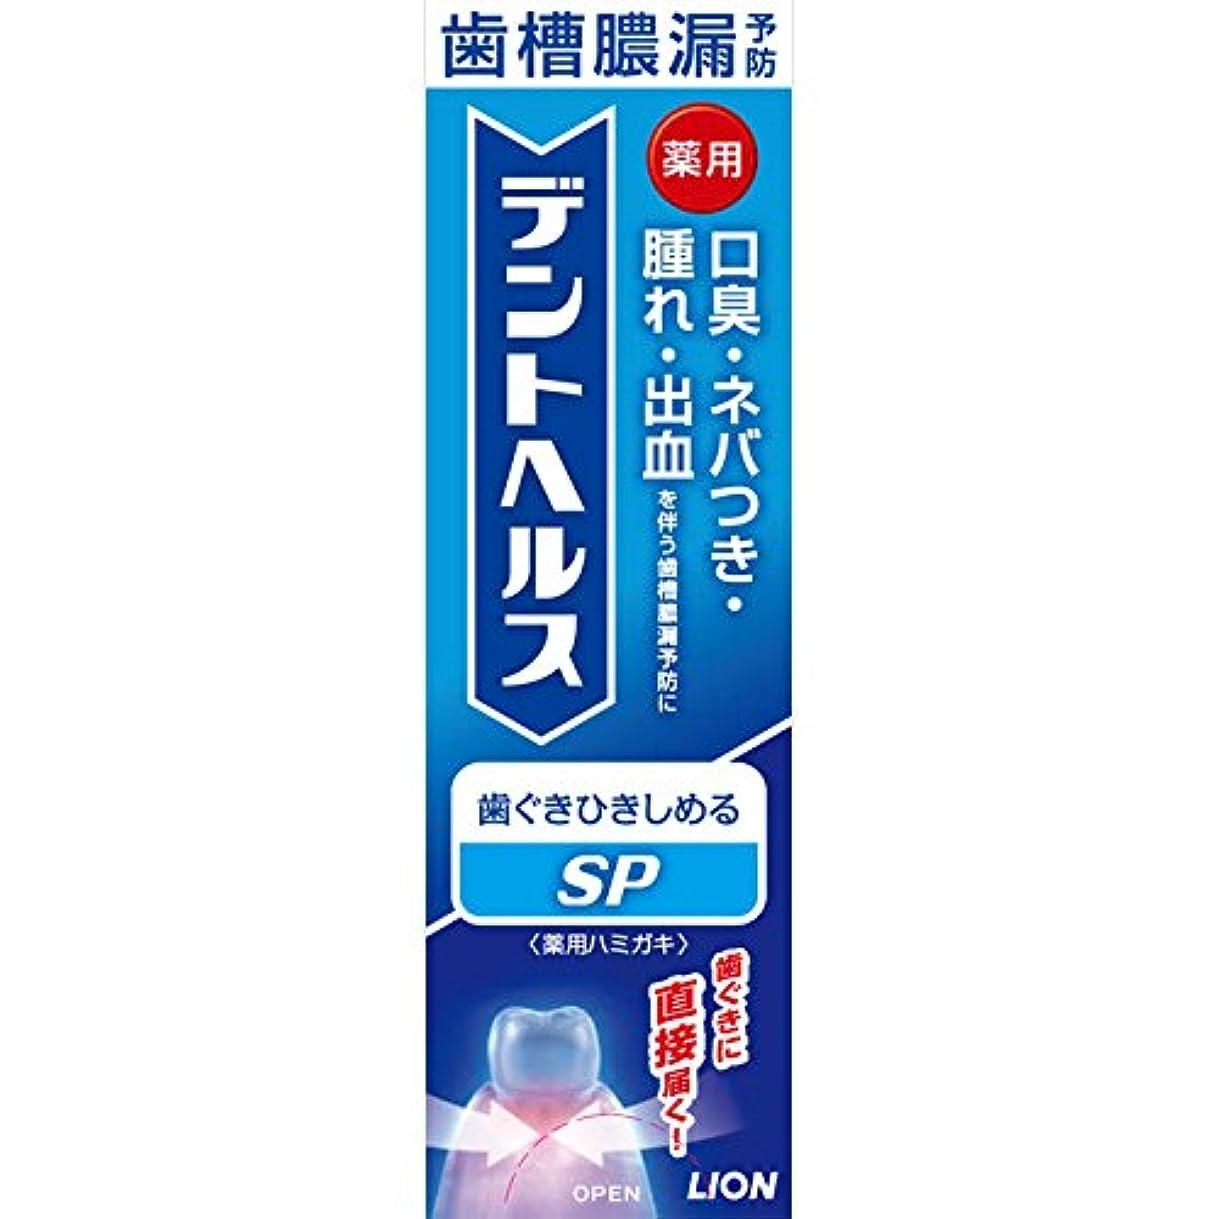 噴出するミンチ剪断デントヘルス薬用ハミガキSPメディカルハーブミント90g×10個